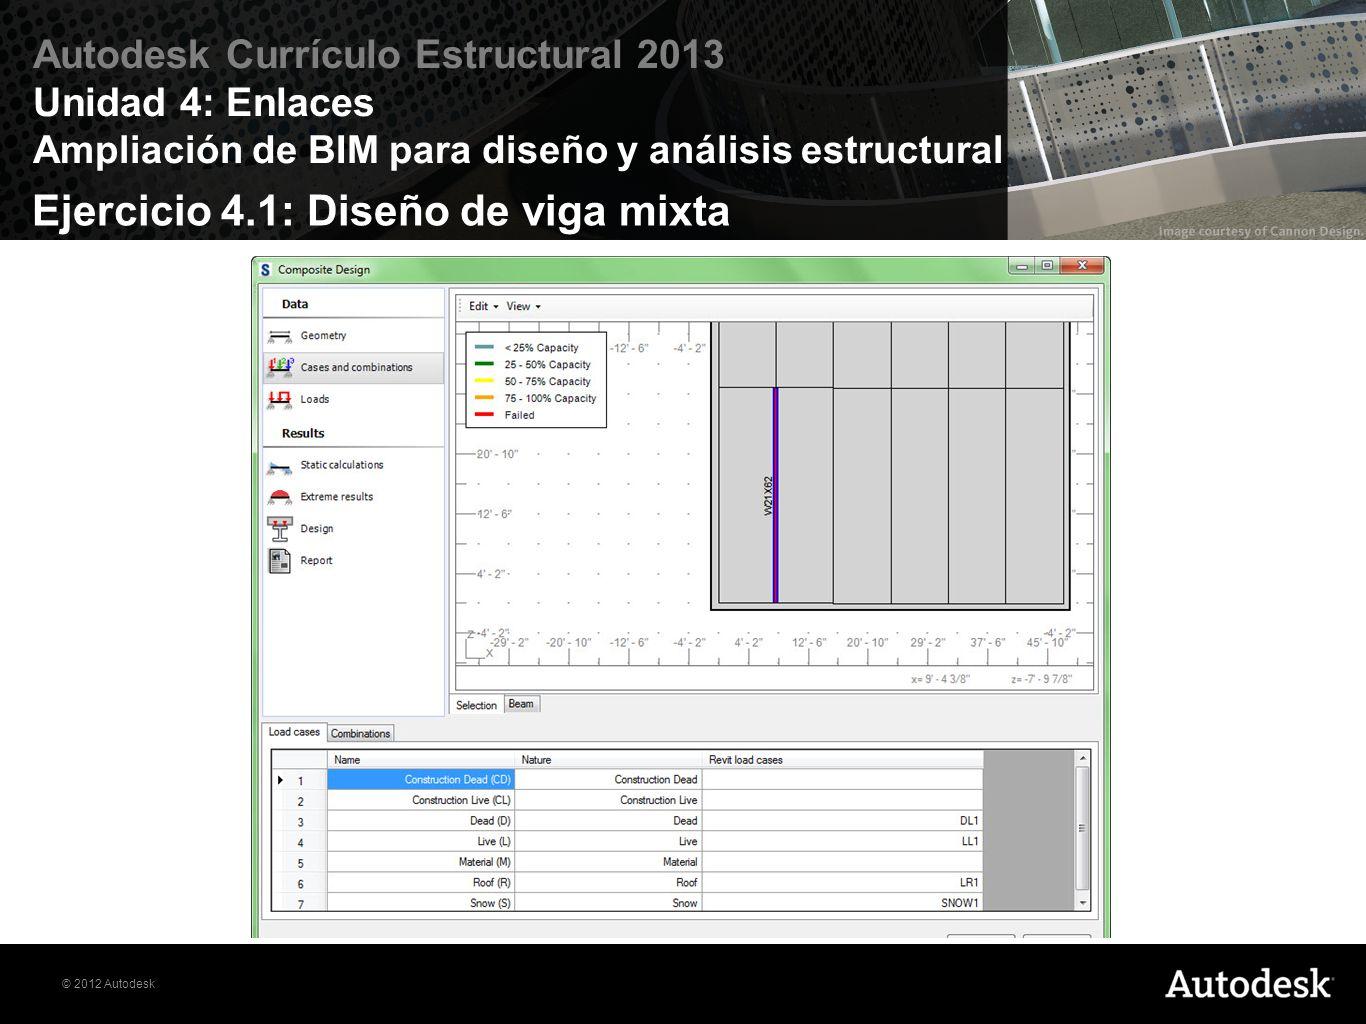 Ejercicio 4.1: Diseño de viga mixta